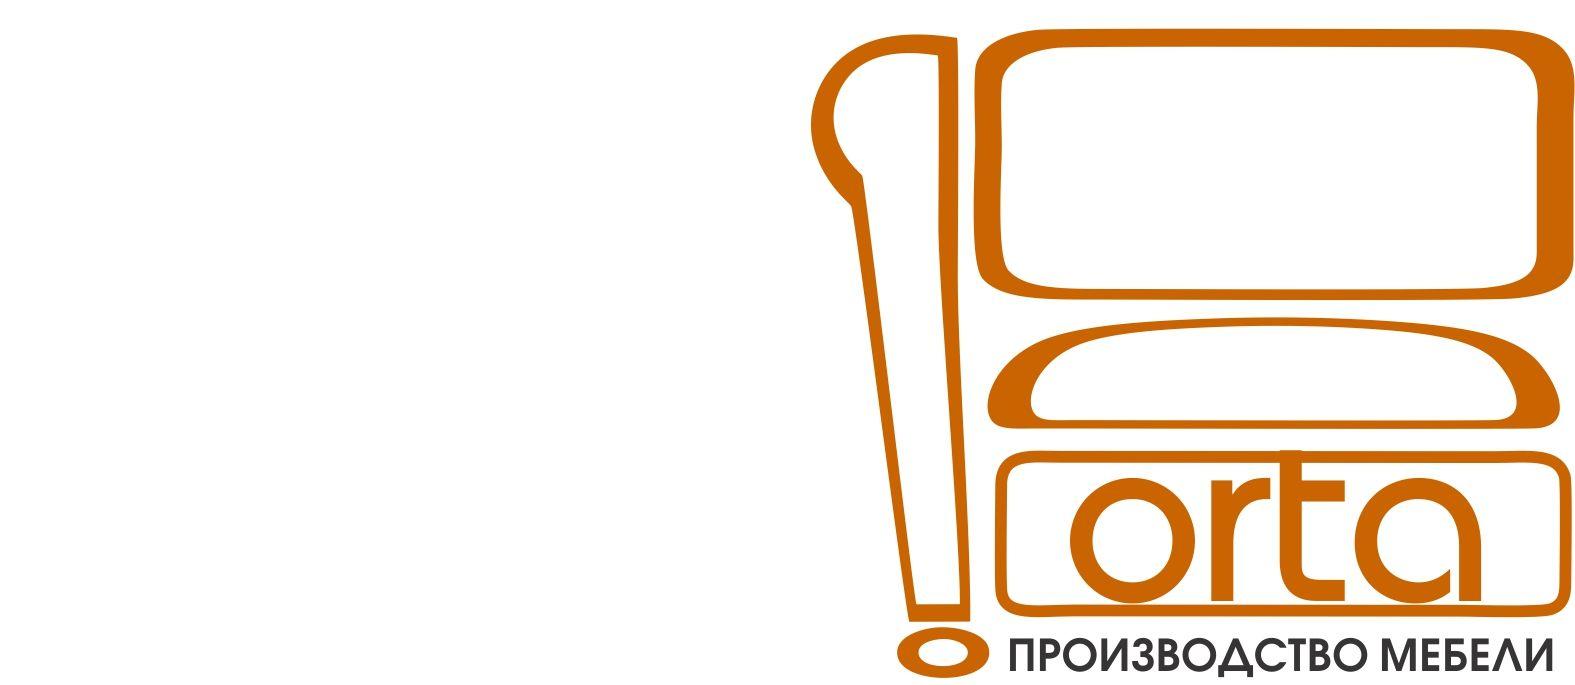 Логотип и фирменный стиль для мебельной компании . - дизайнер design03